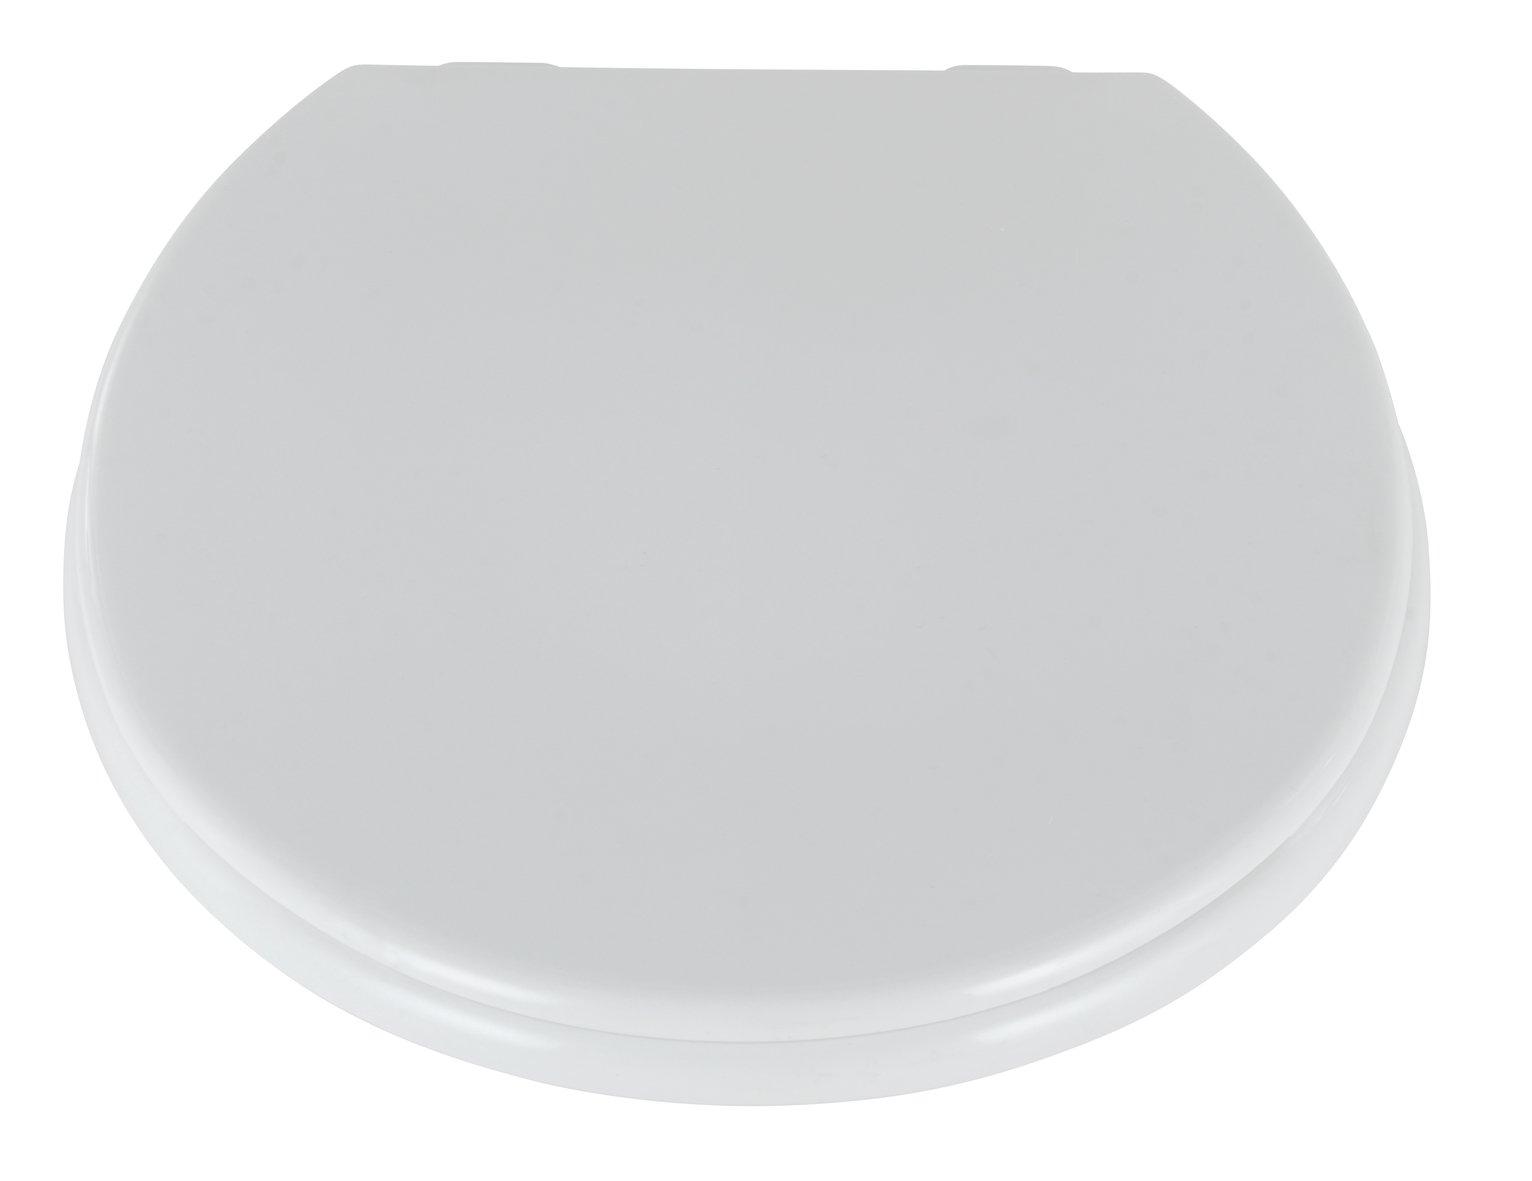 Argos Home Plastic Toilet Seat - White